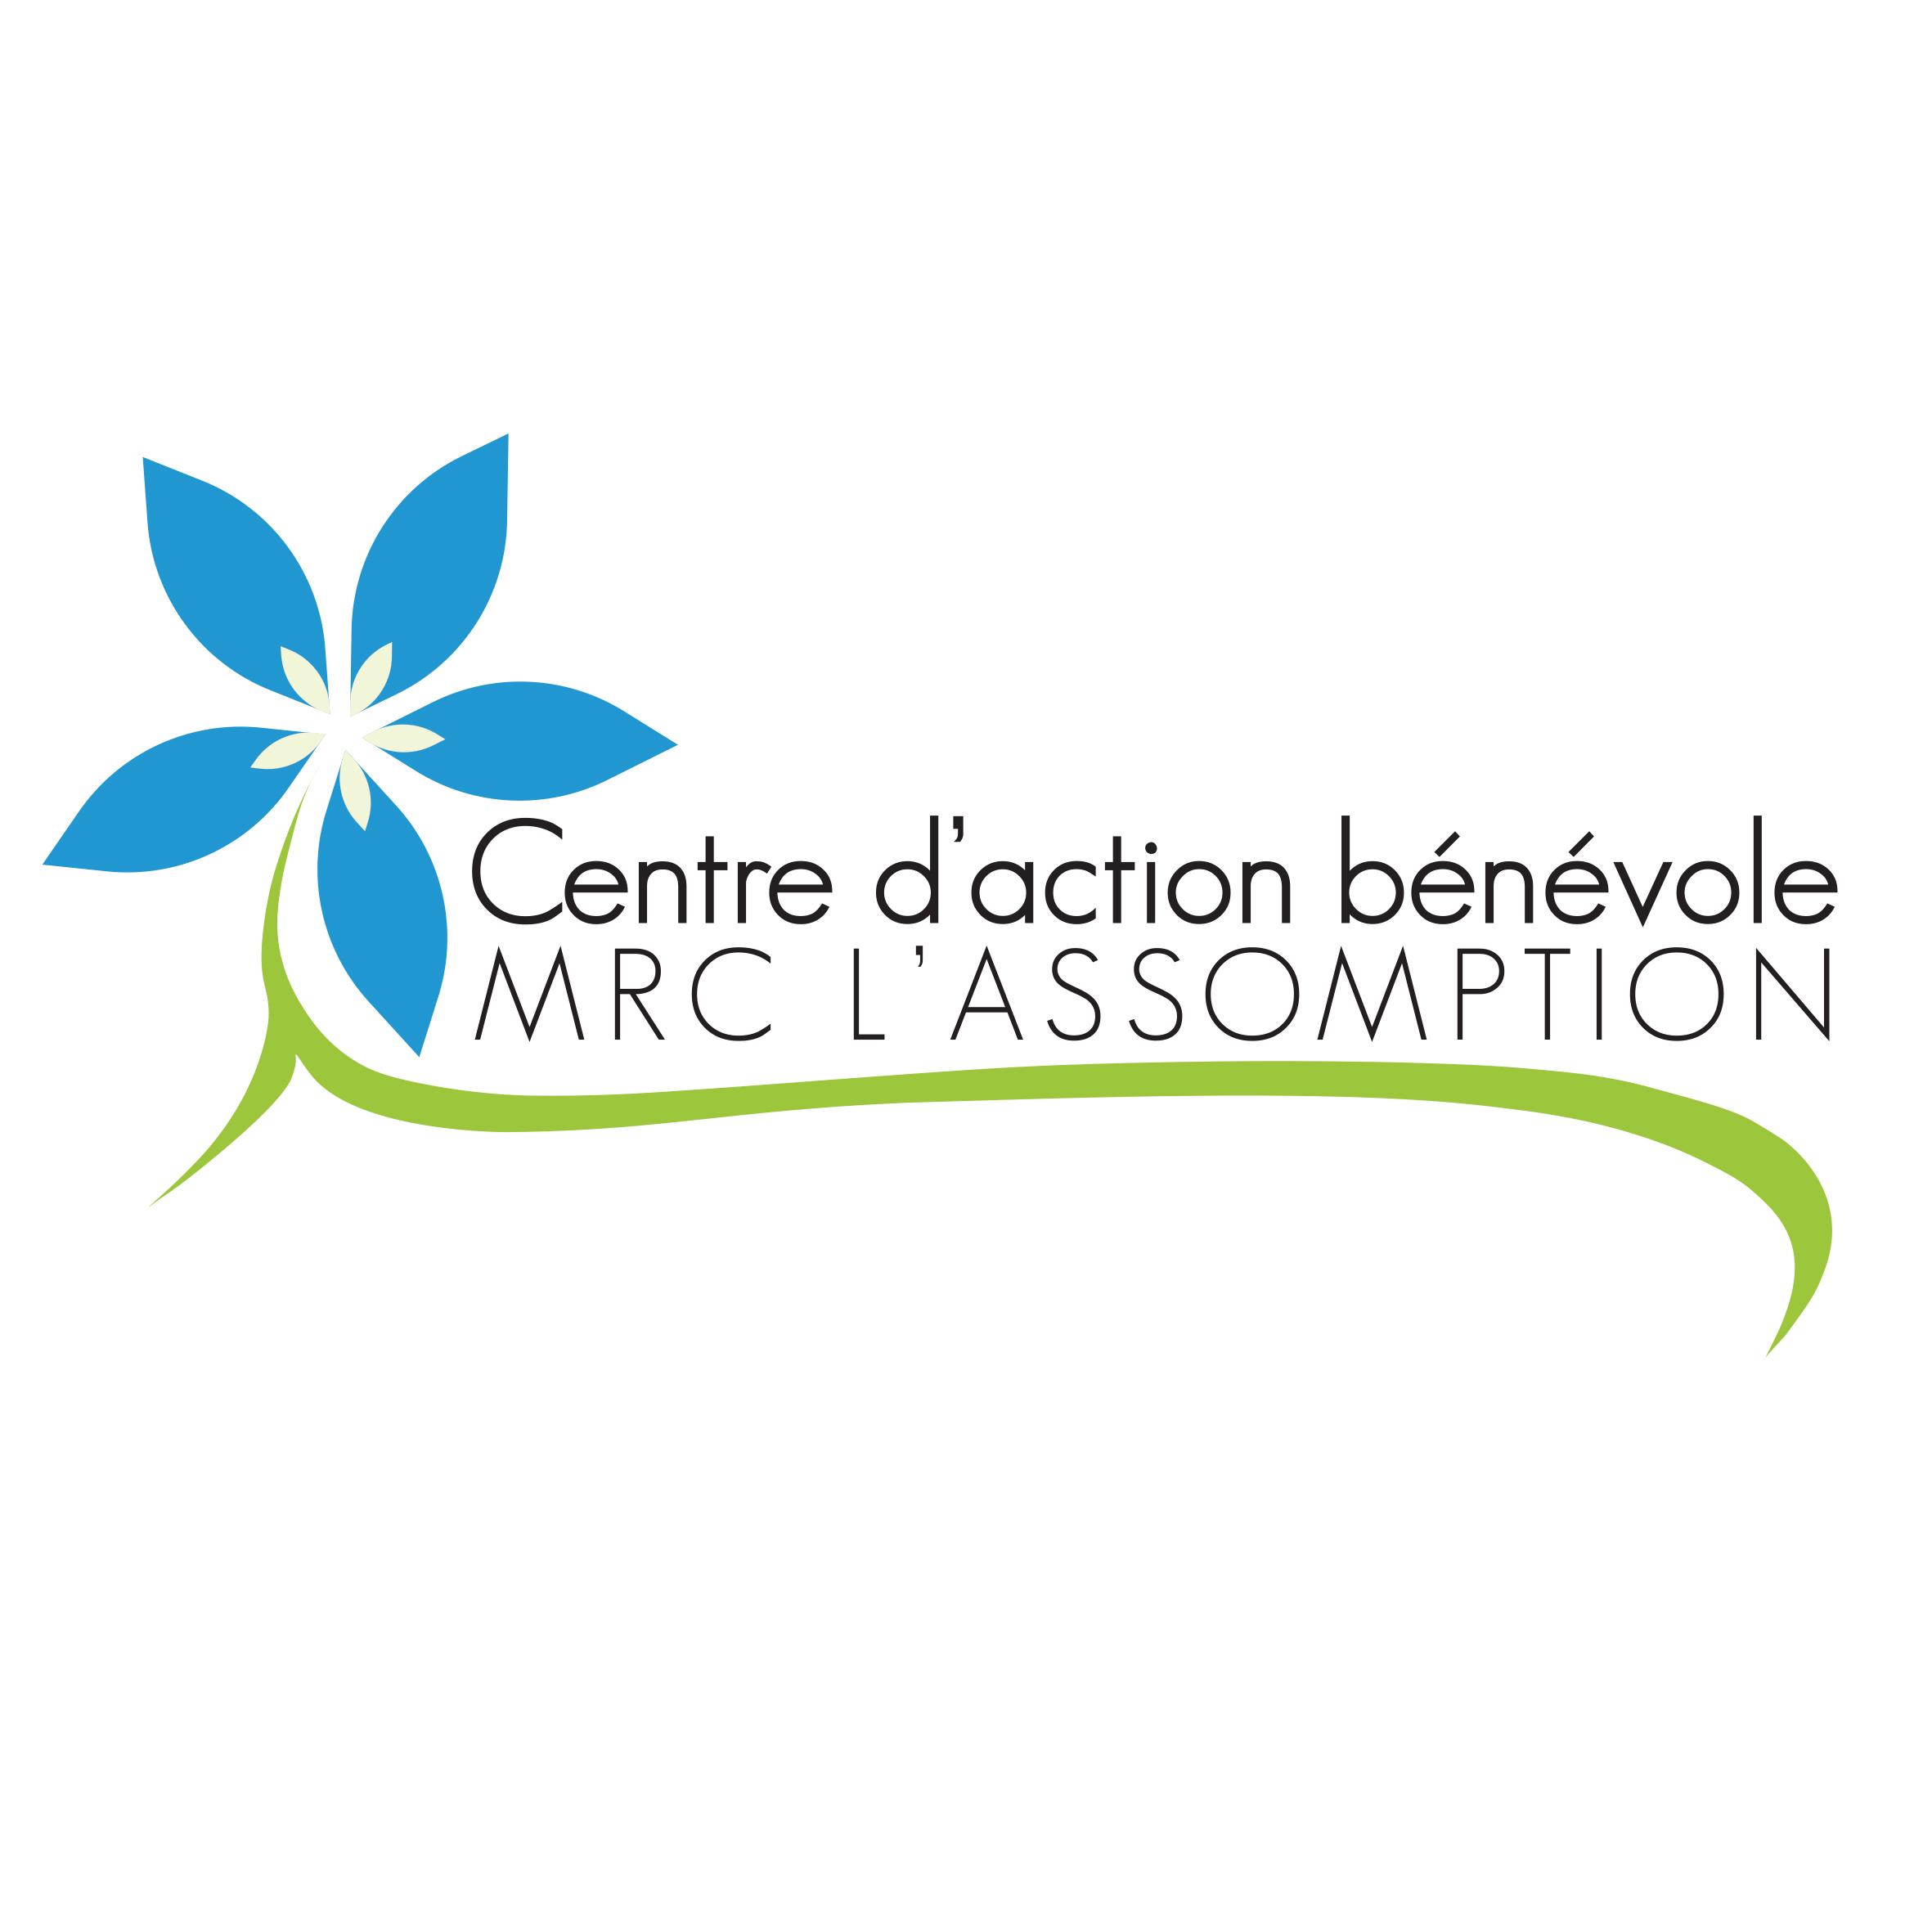 Centre d'action bénévole MRC L'Assomption